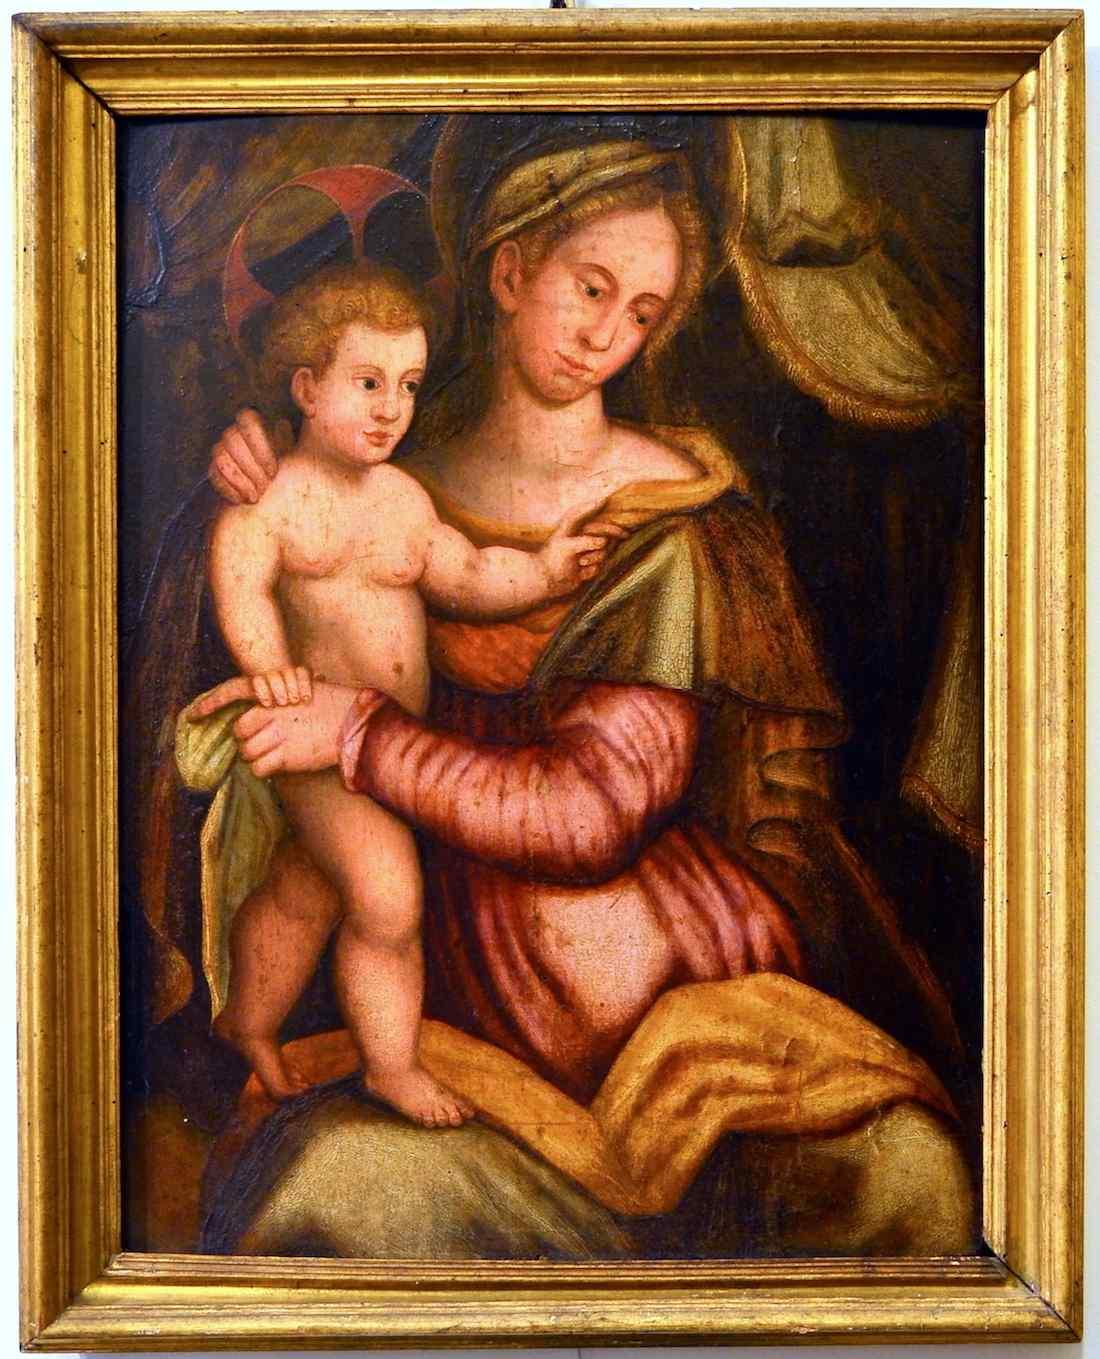 Scuola toscana inizio XVI secolo, Madonna con bambino